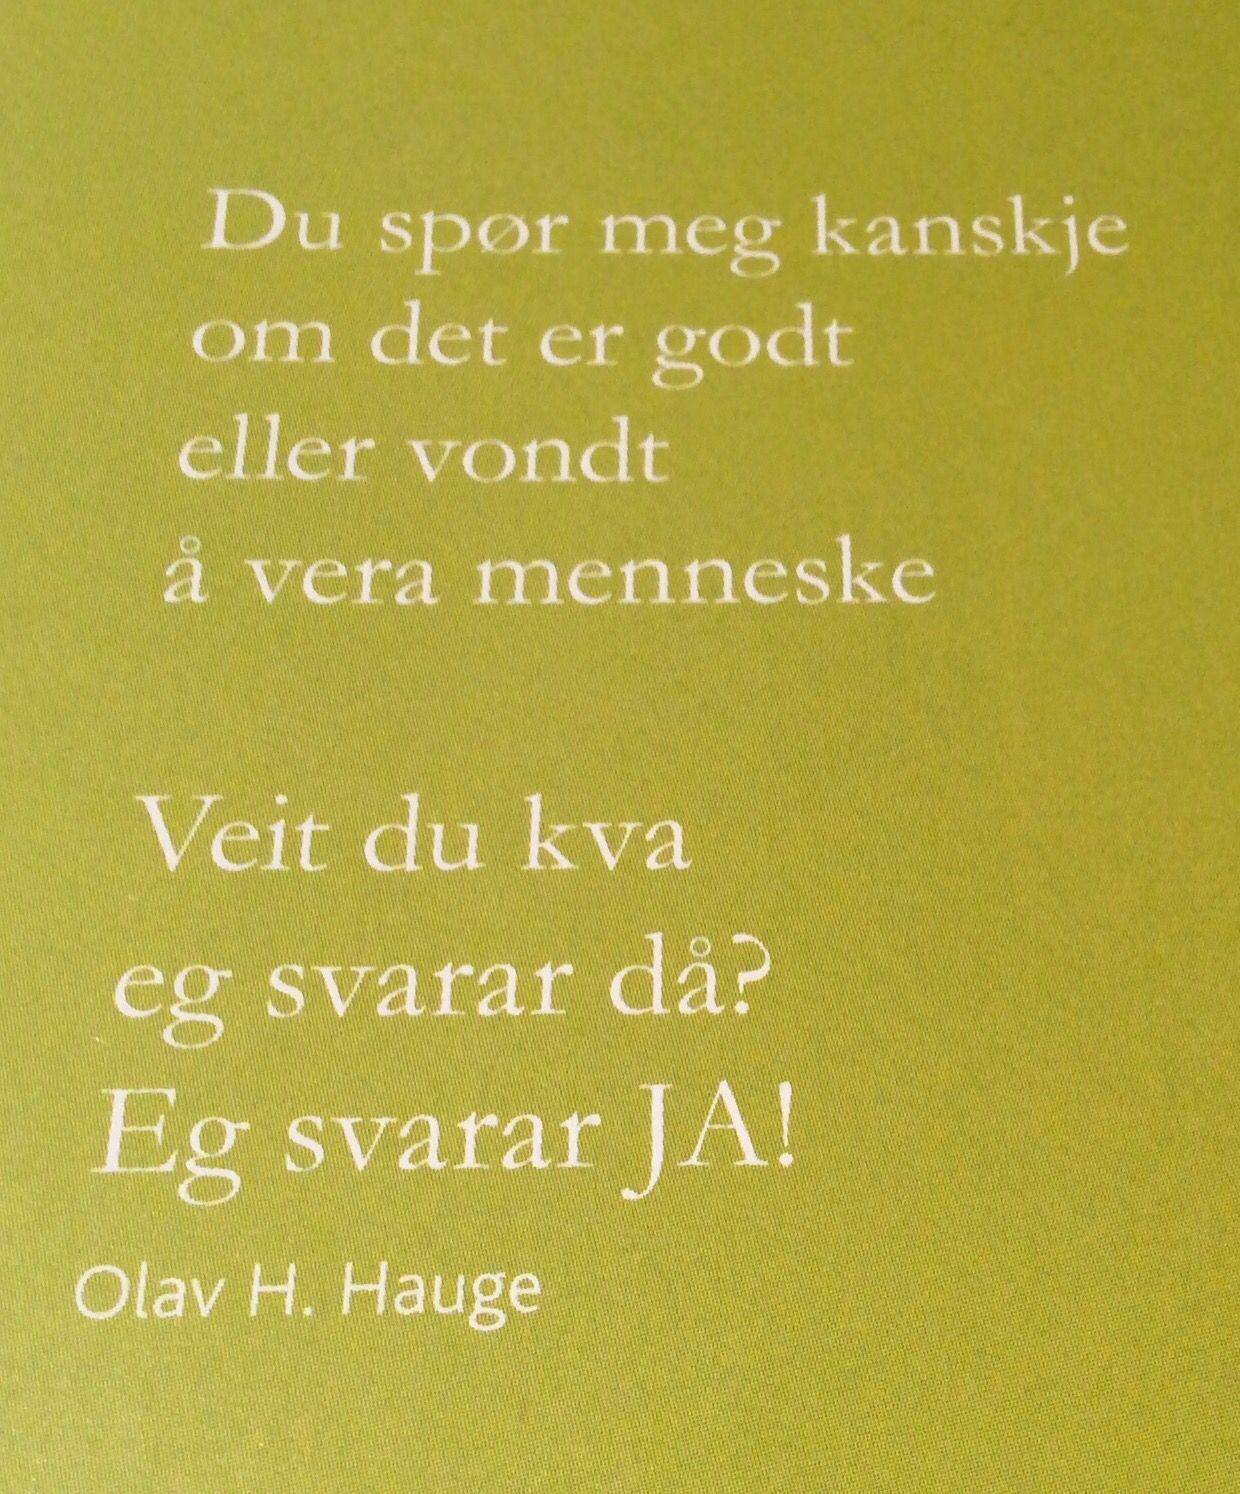 Sitat av Olav H. Hauge